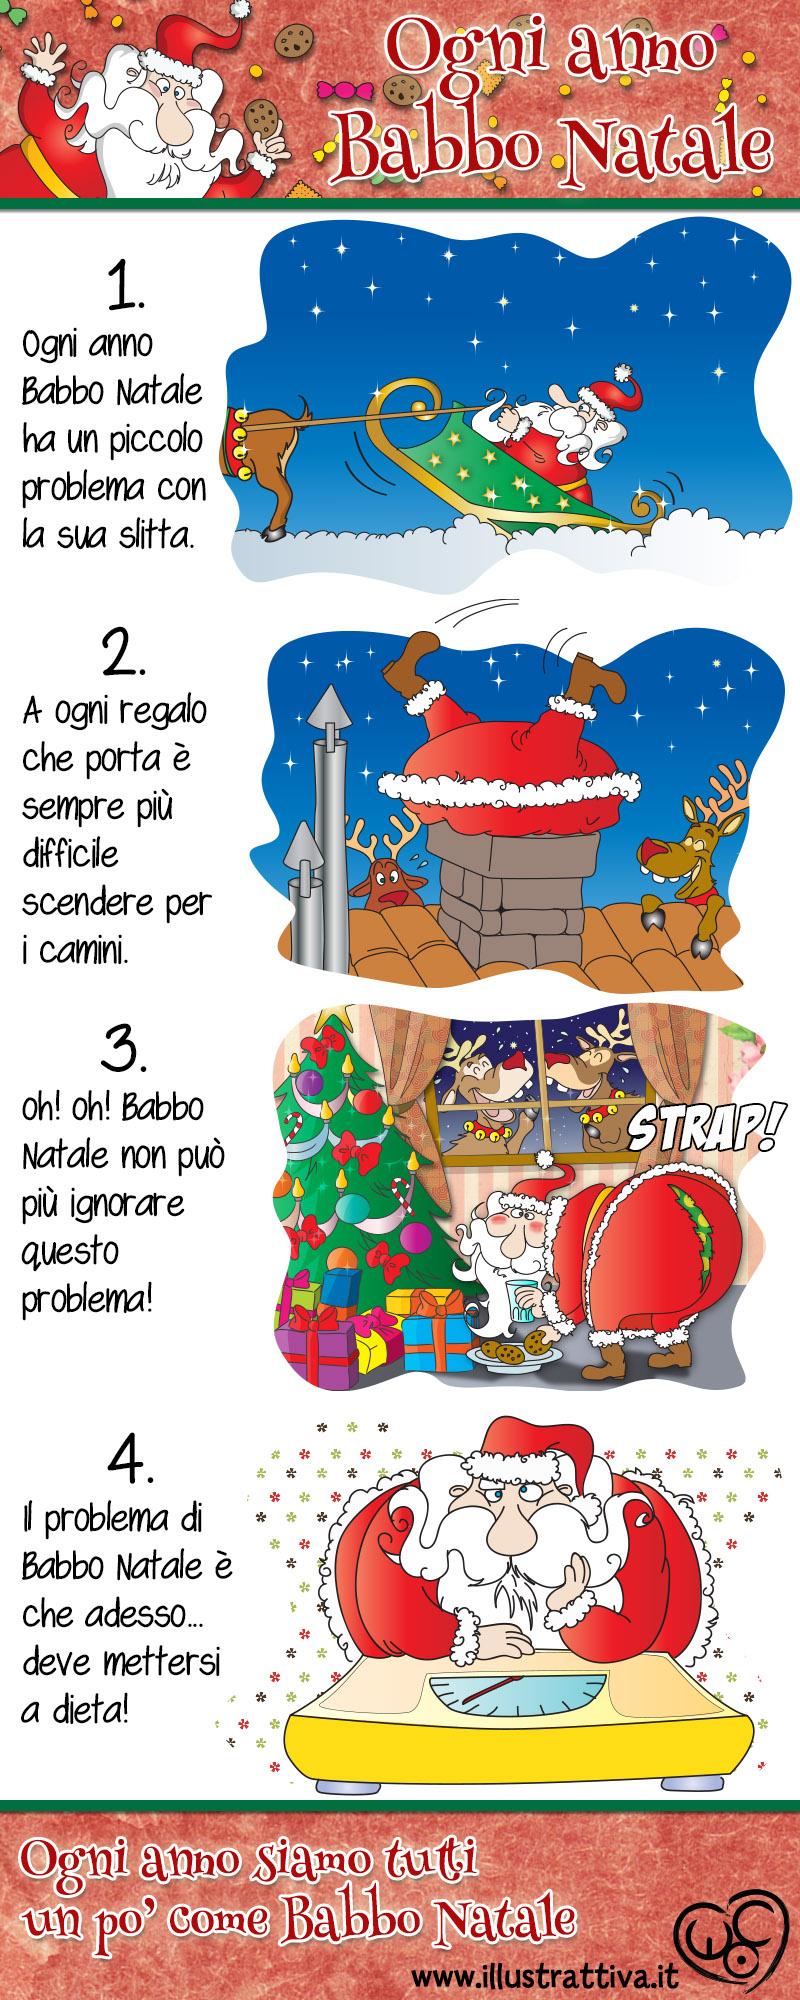 Storia Babbo Natale Bambini.Ogni Anno Babbo Natale Illustrattiva Libri Illustrati Ebook Per Bambini